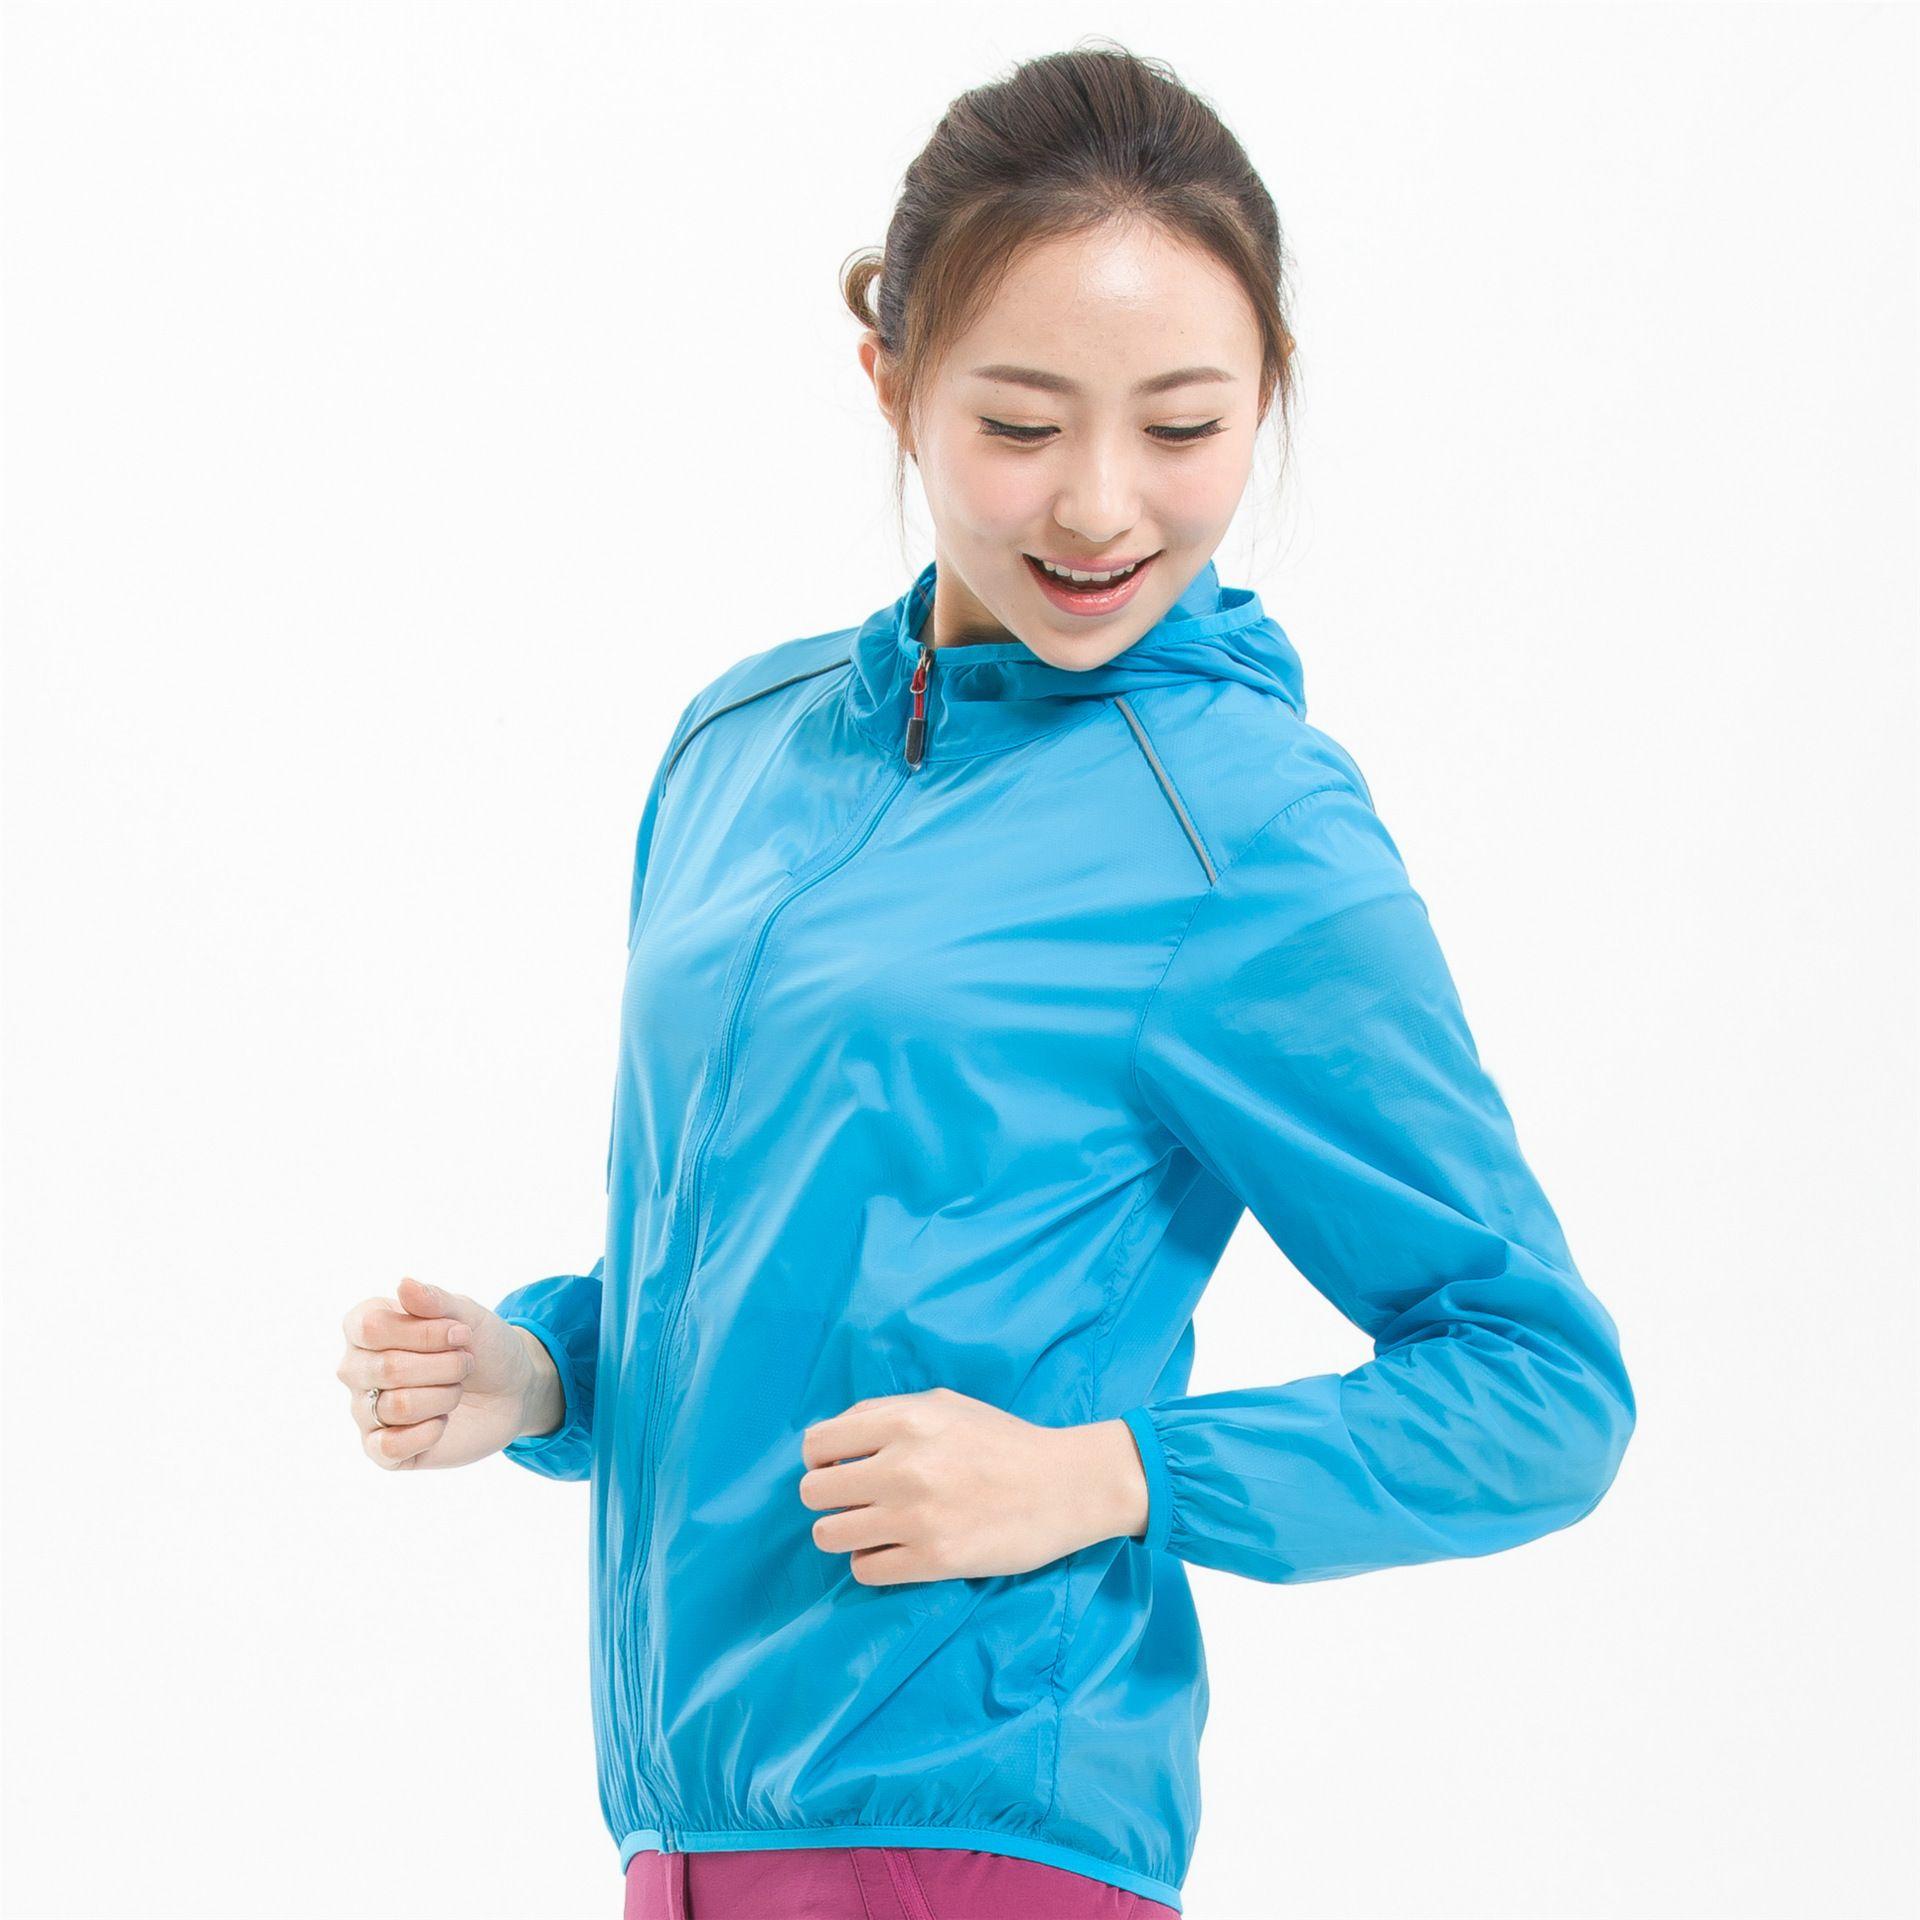 Açık Erkekler Ve Kadınlar Çift Cilt Giyim Yaz UV Nefes Uzun Kollu Güneş Koruyucu Giysi Ultra İnce Coat